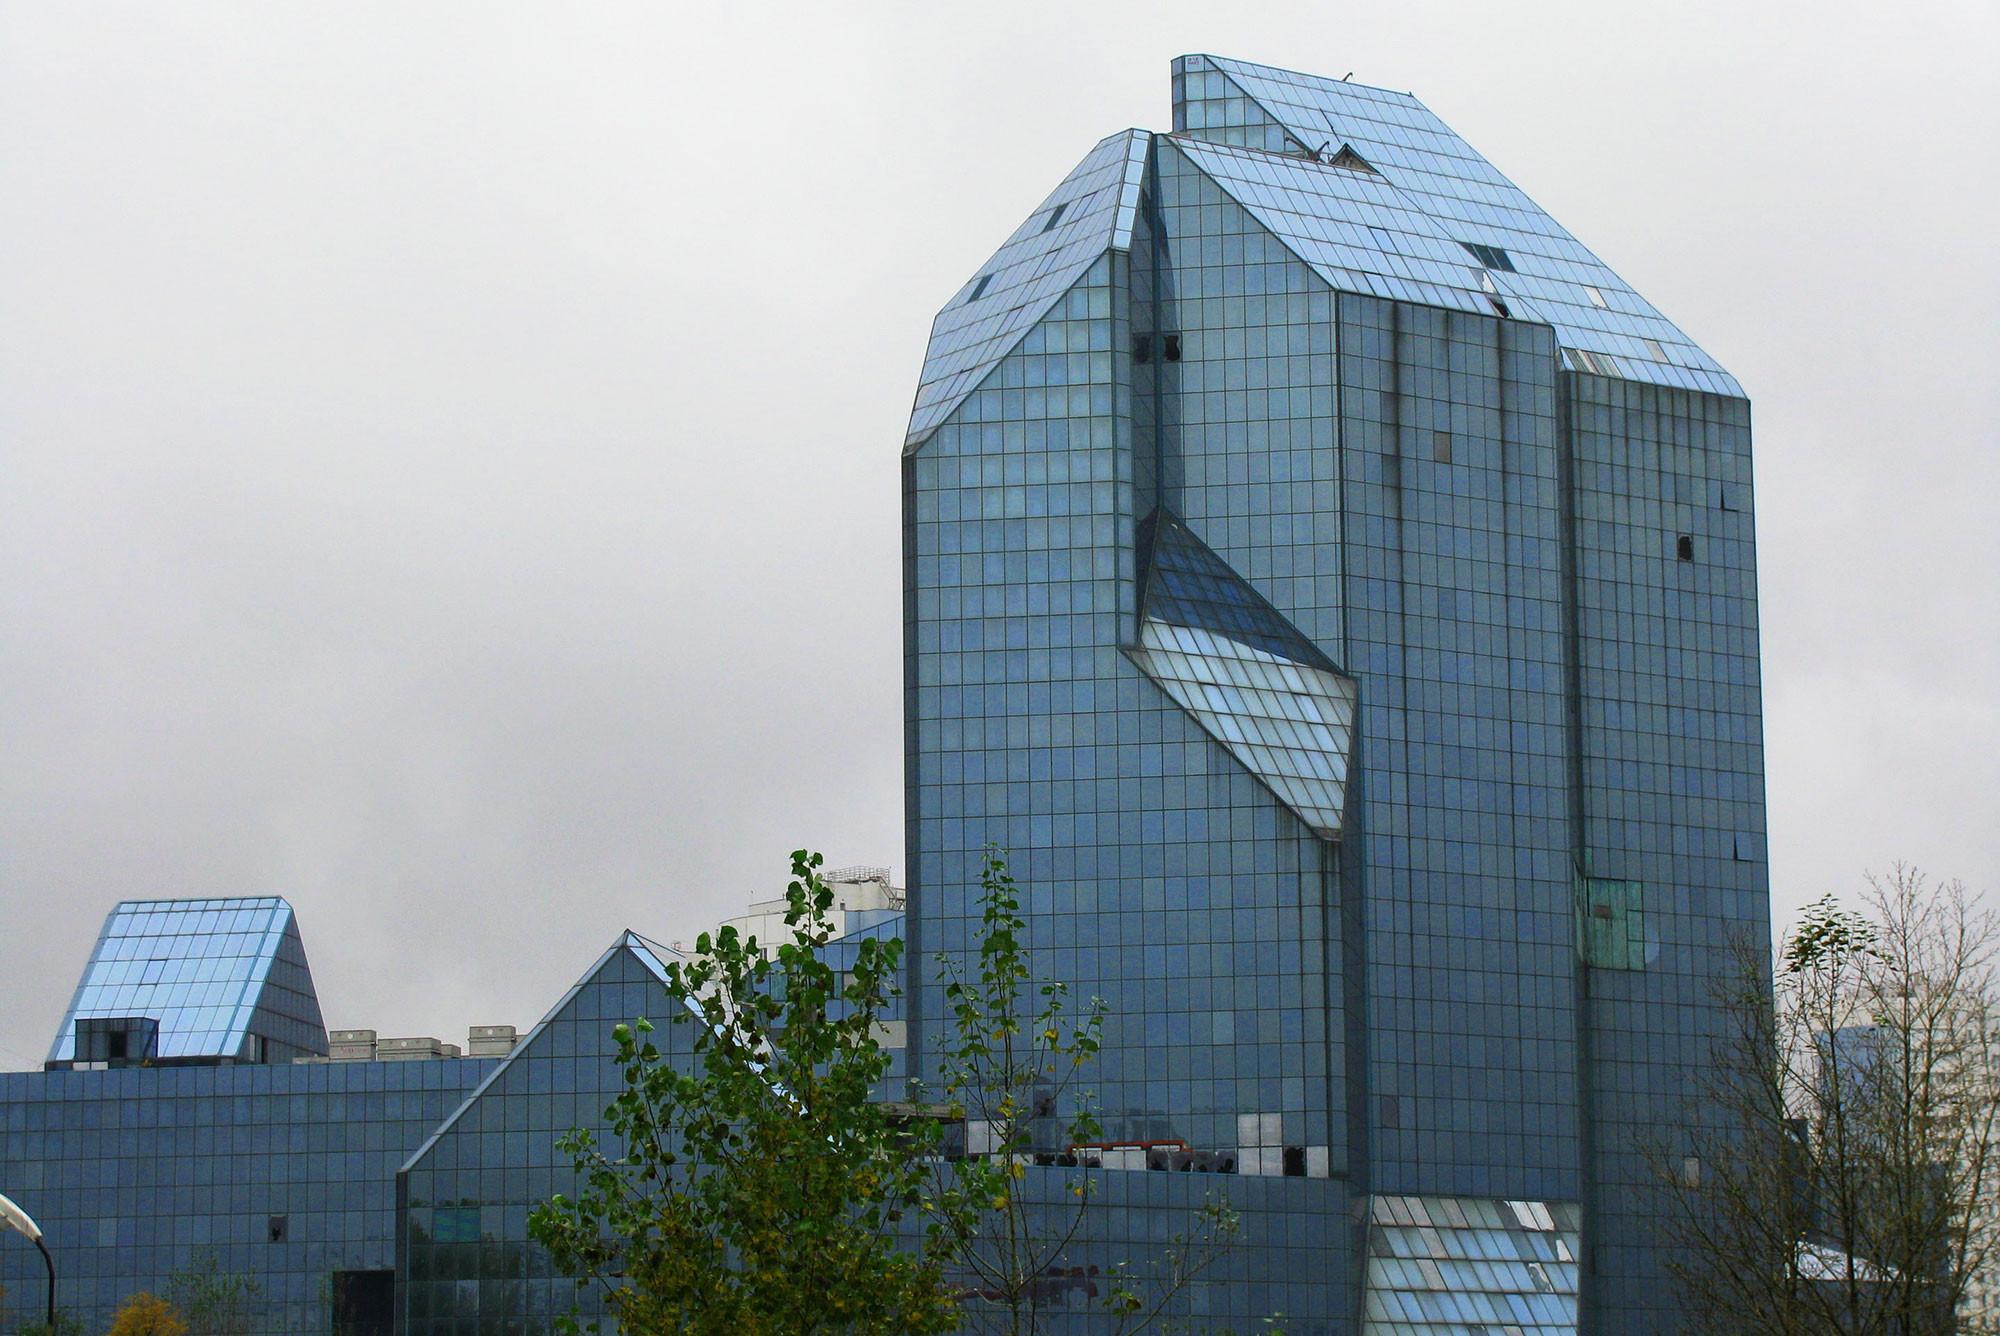 синий зуб заброшенный бизнес центр зенит фото информацией